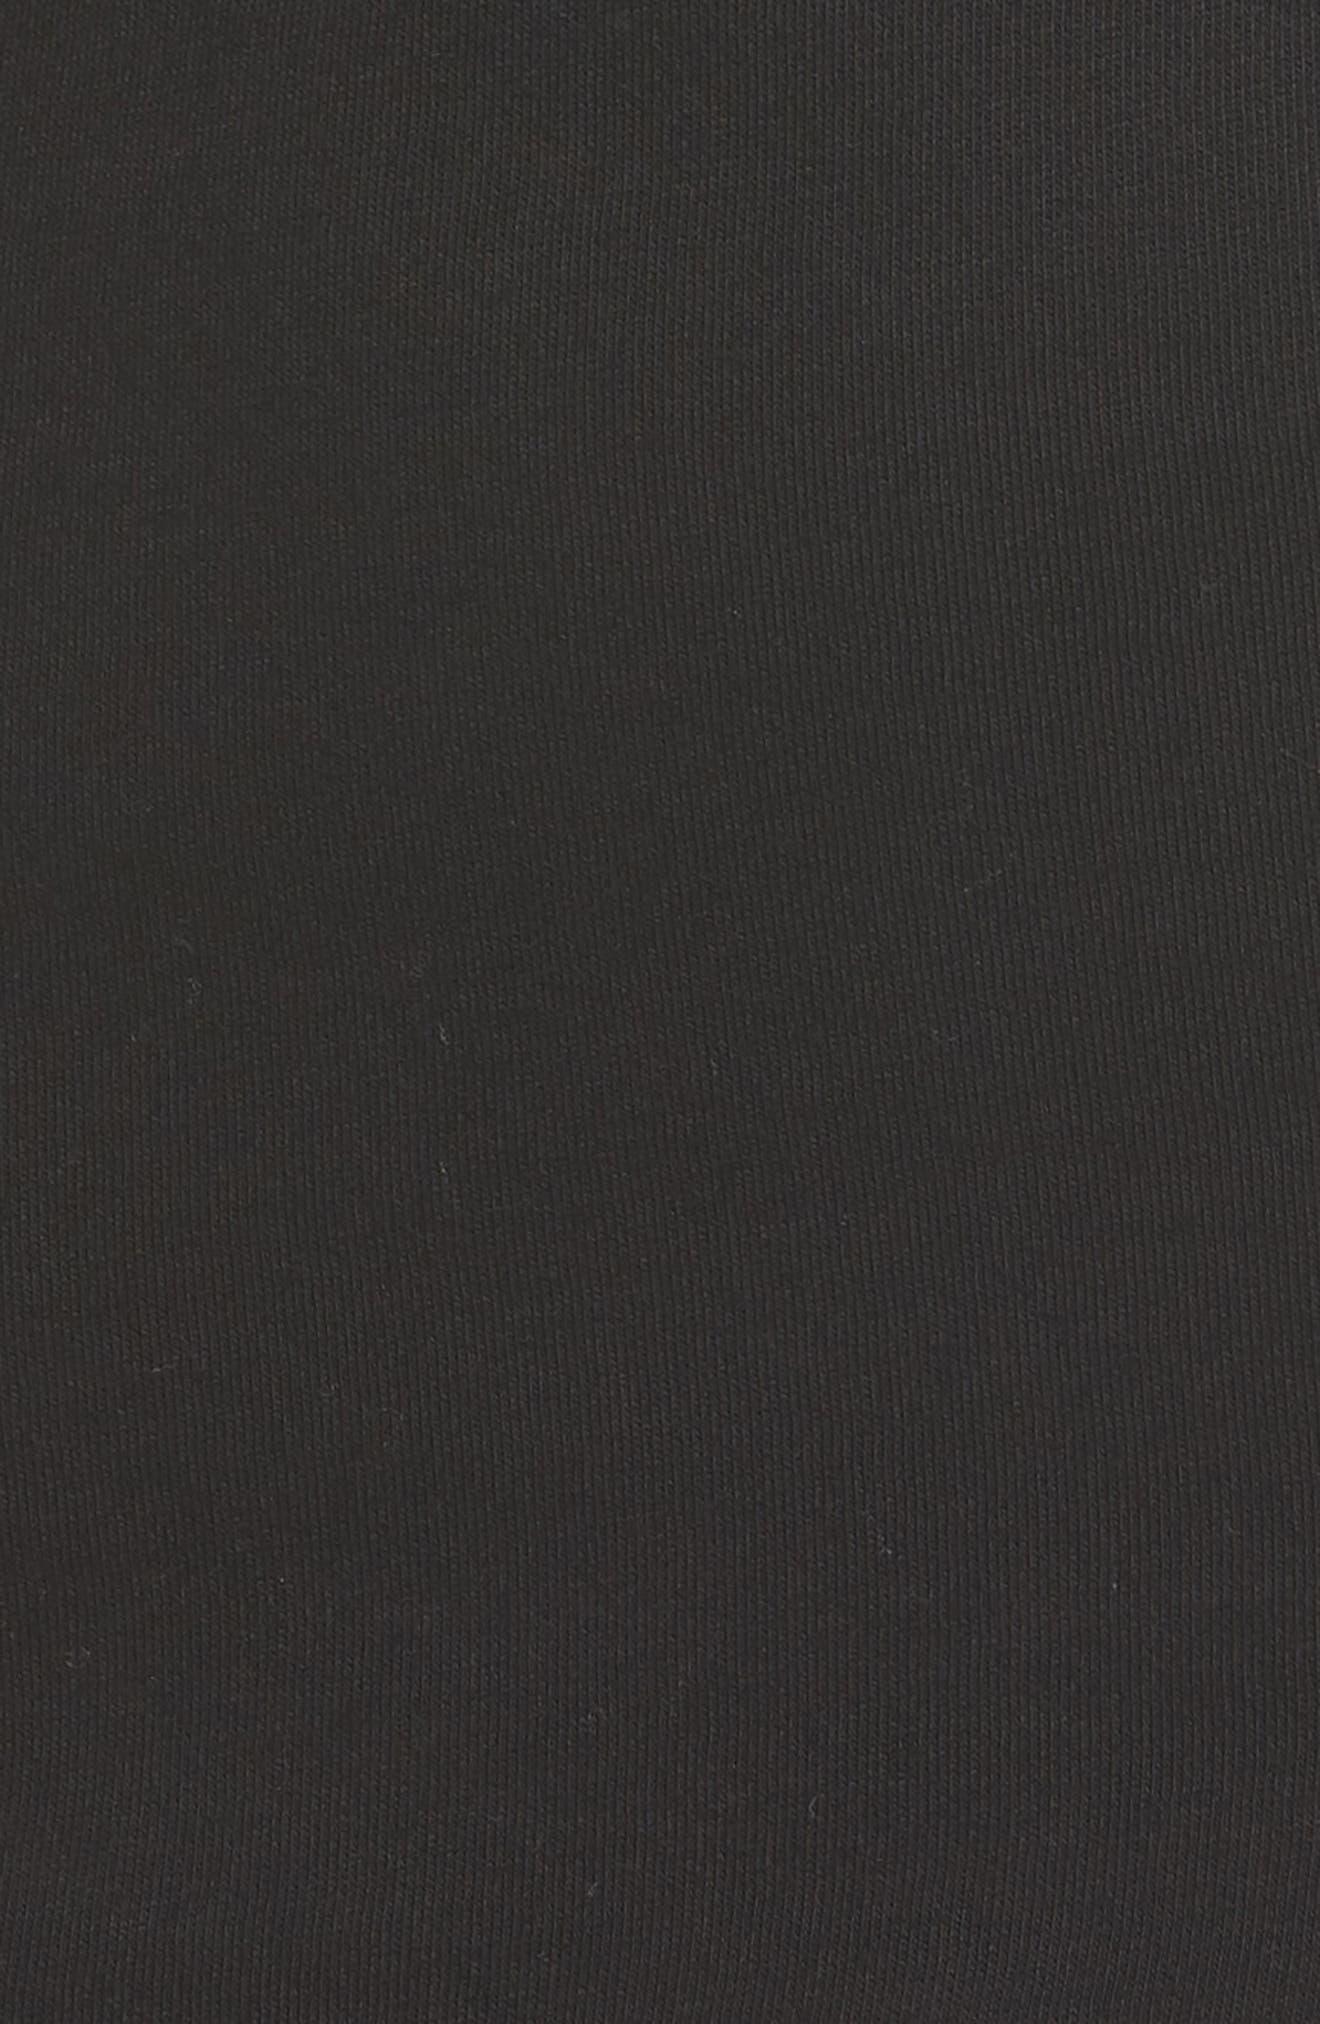 Cold Shoulder Dress,                             Alternate thumbnail 5, color,                             BLACK